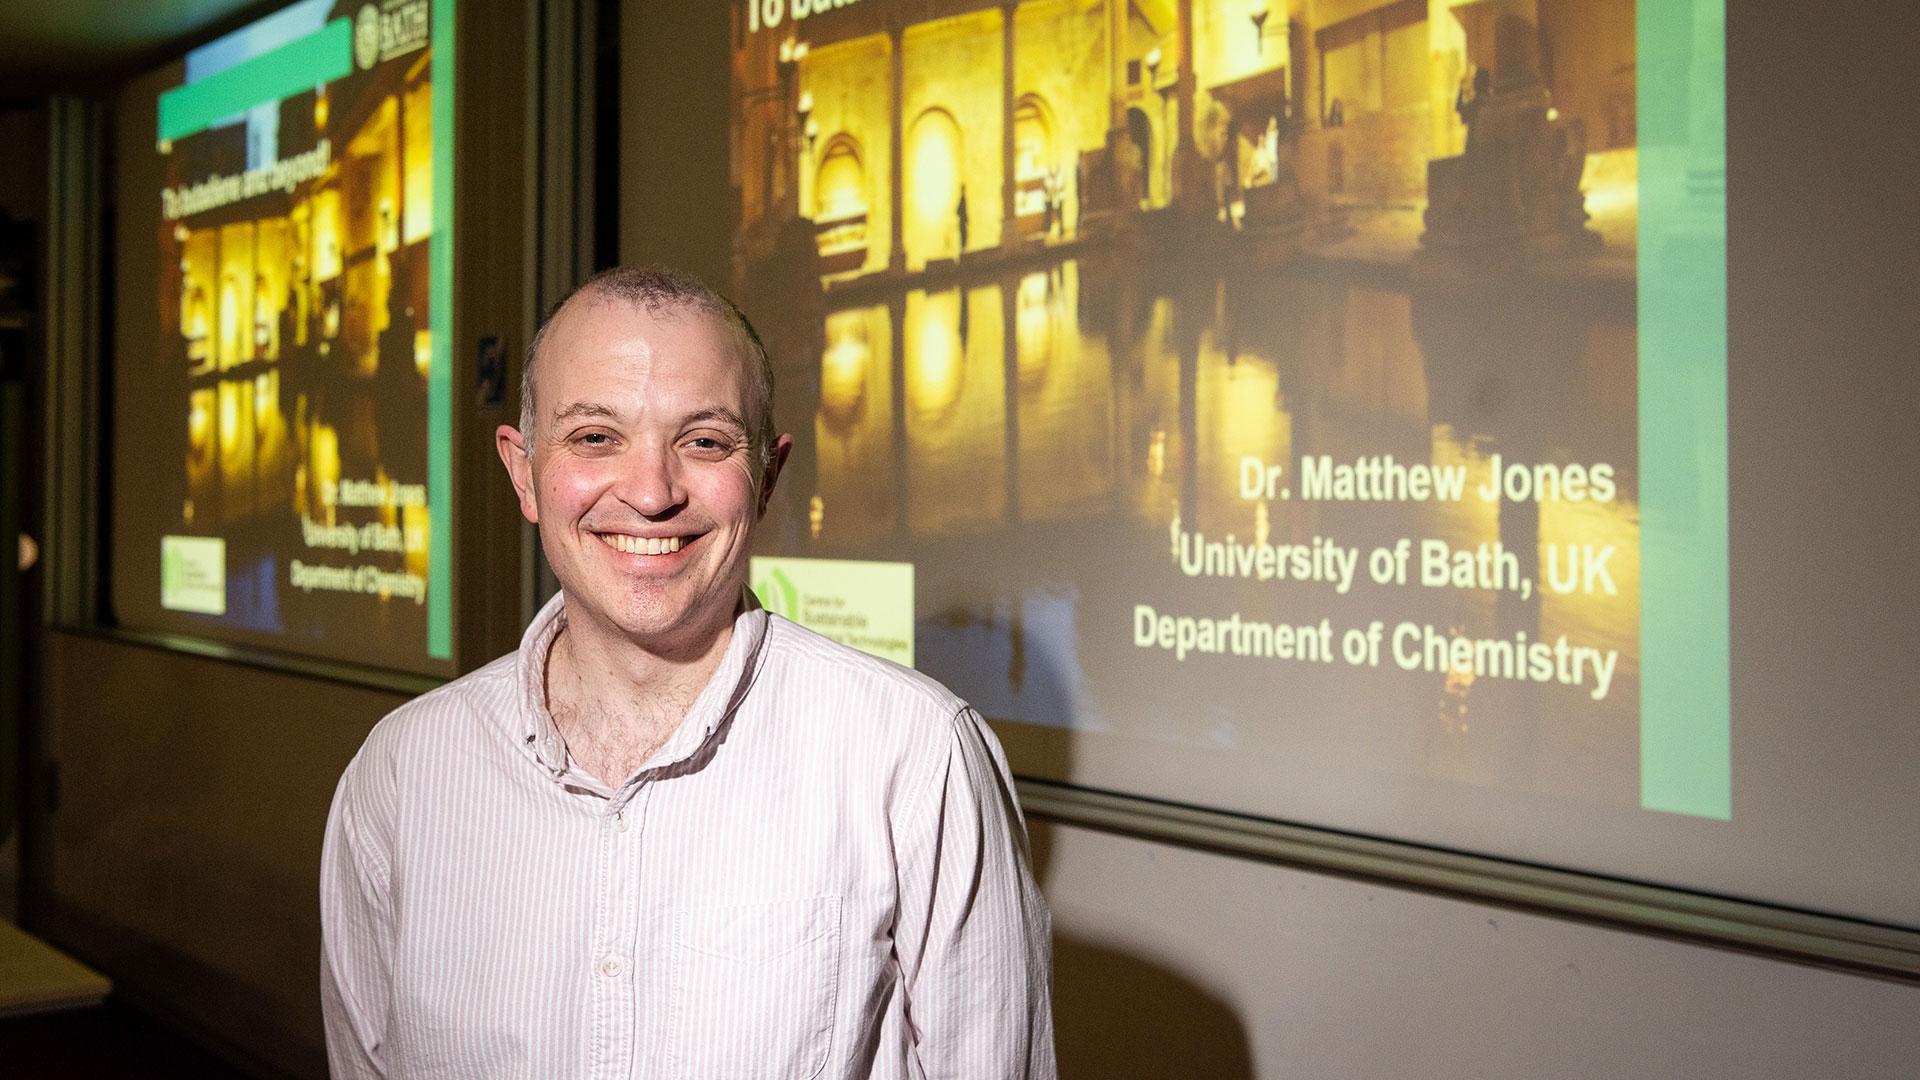 Professor Matthew Jones